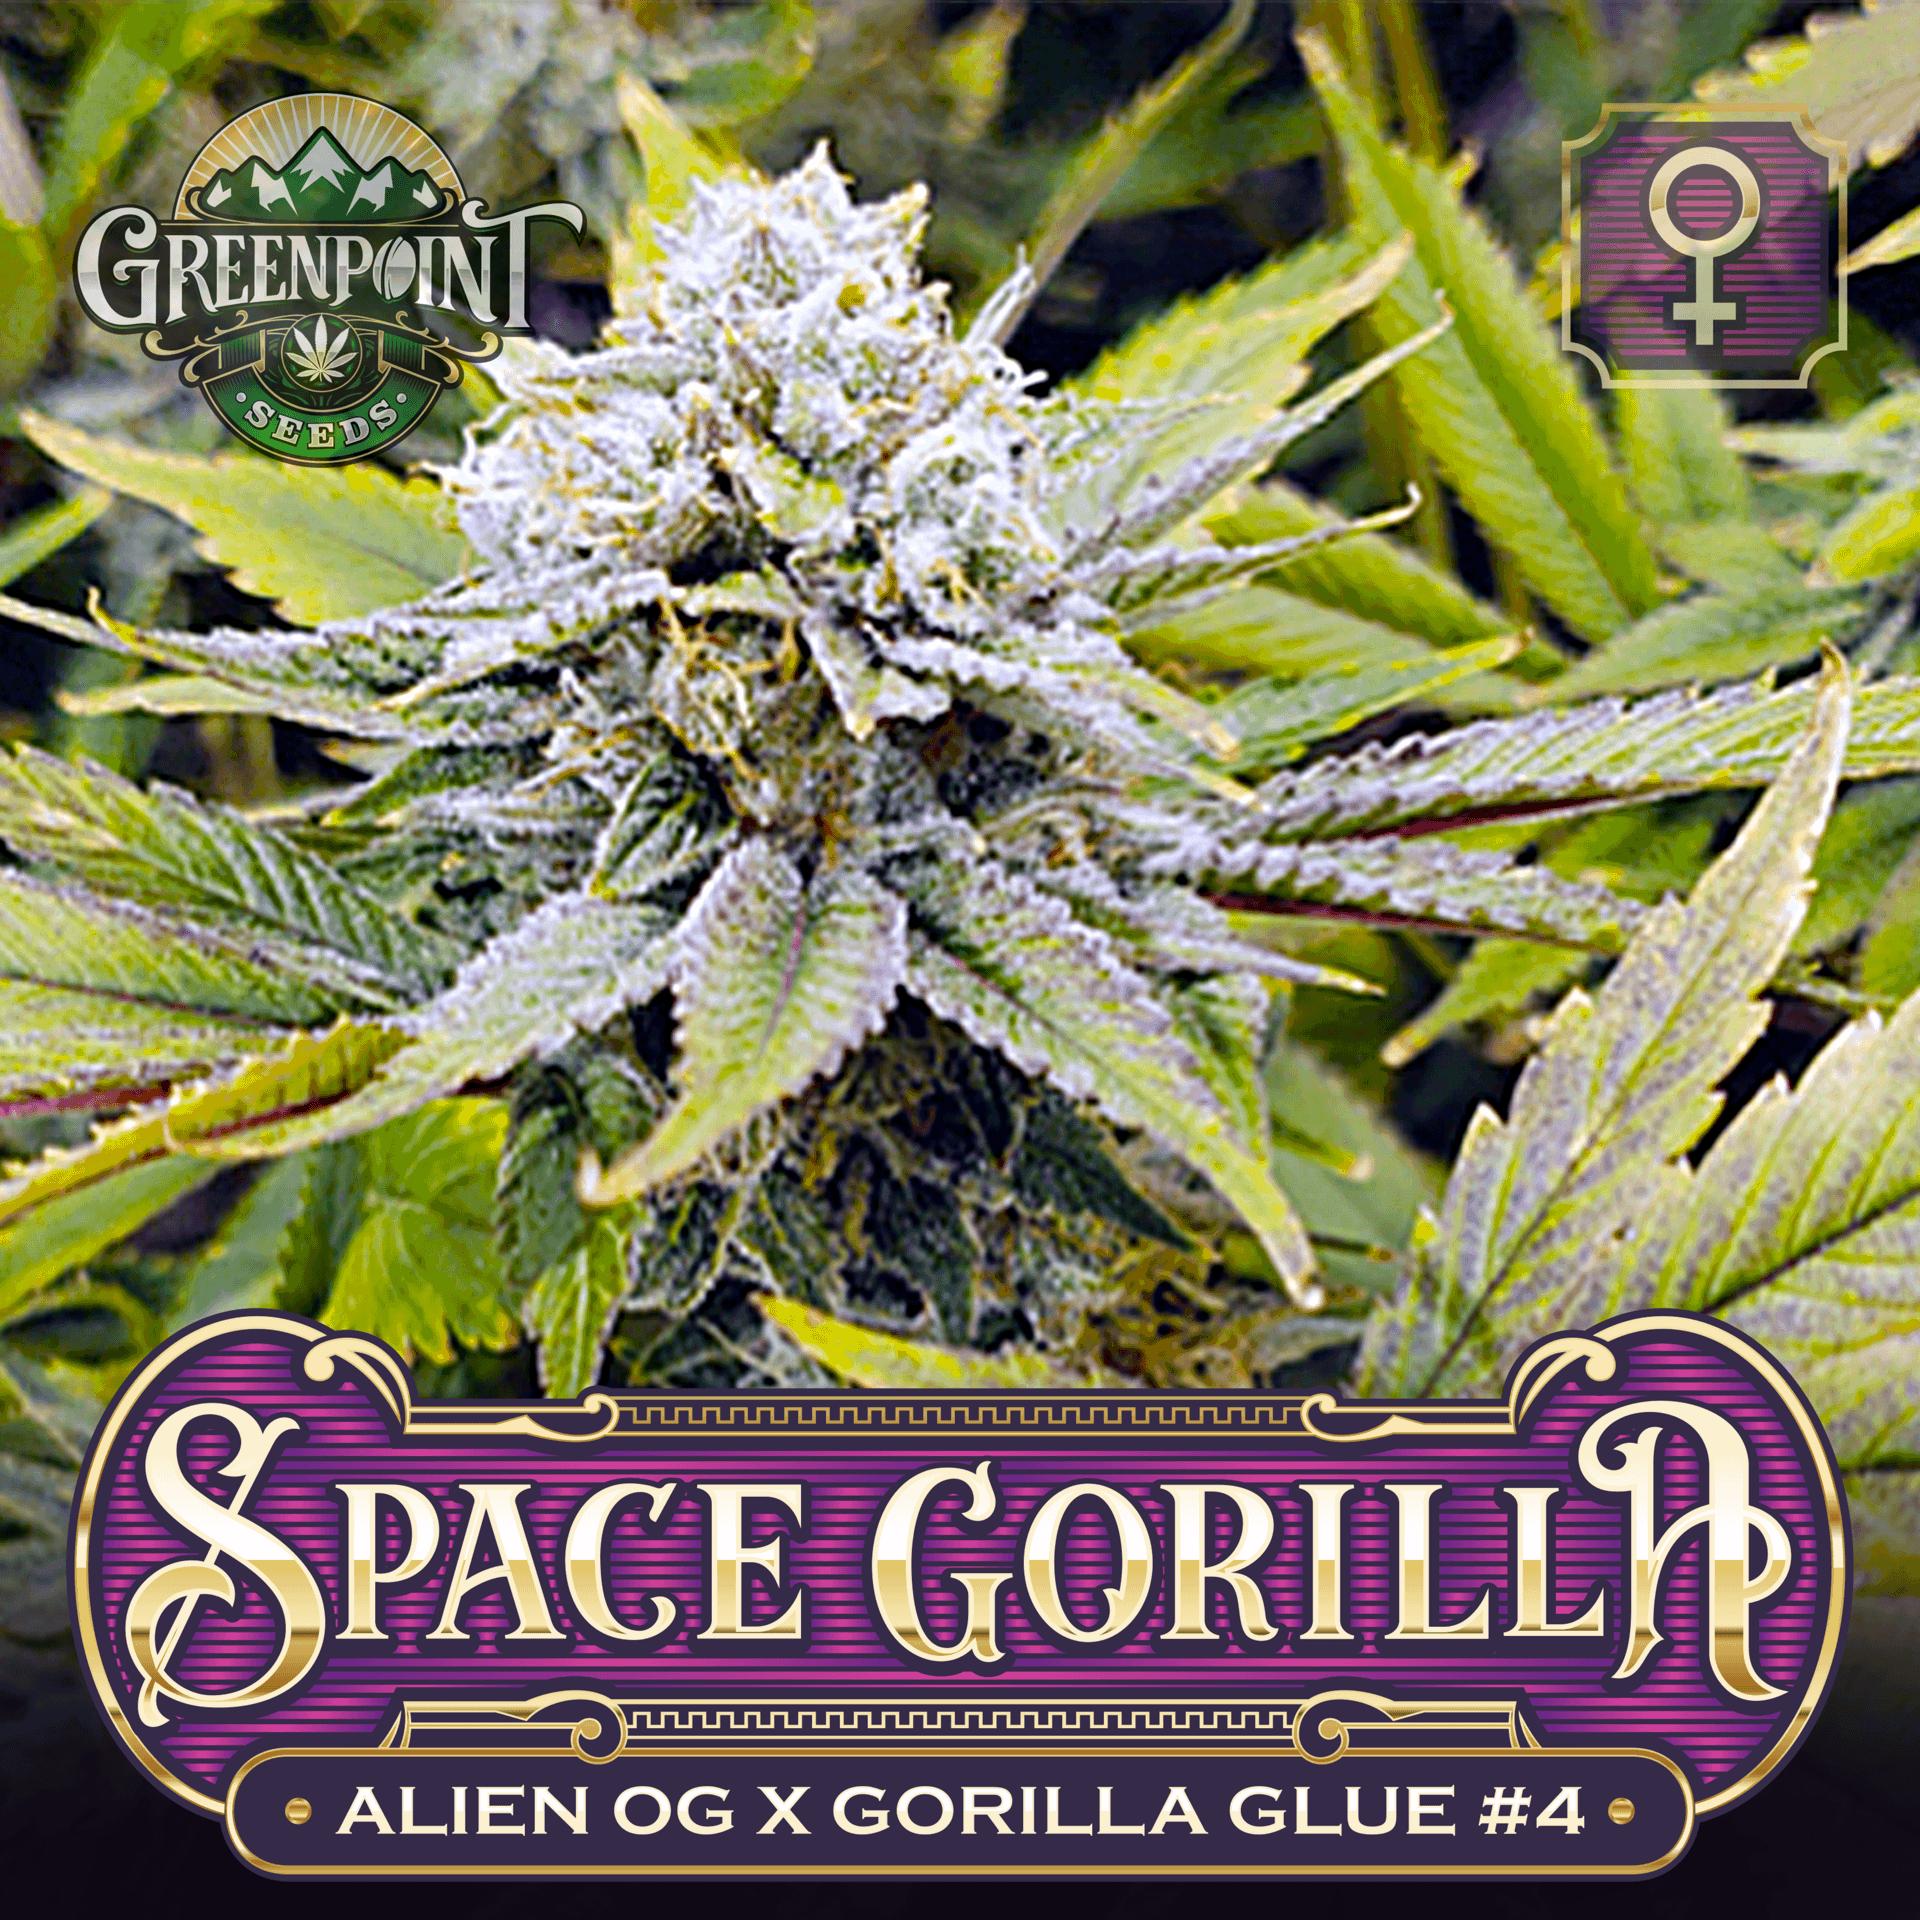 Space Gorilla Feminized - Alien OG x Gorilla Glue #4 | Greenpoint Seeds